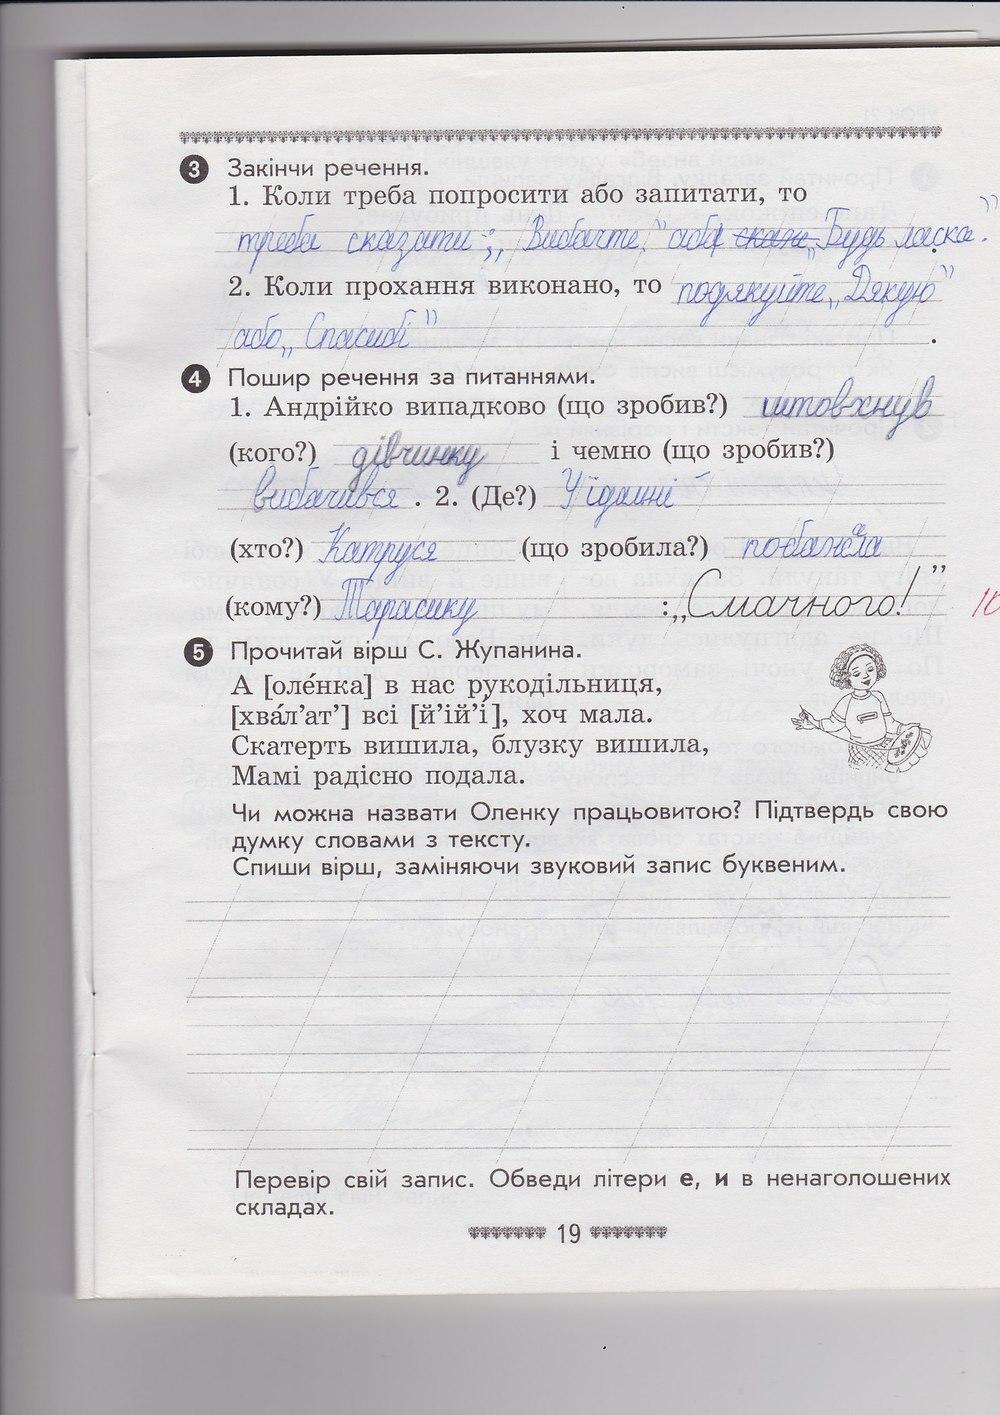 ГДЗ відповіді робочий зошит по рiдна/укр. мова 2 класс Кобзар О. Г.. Задание: стр. 19